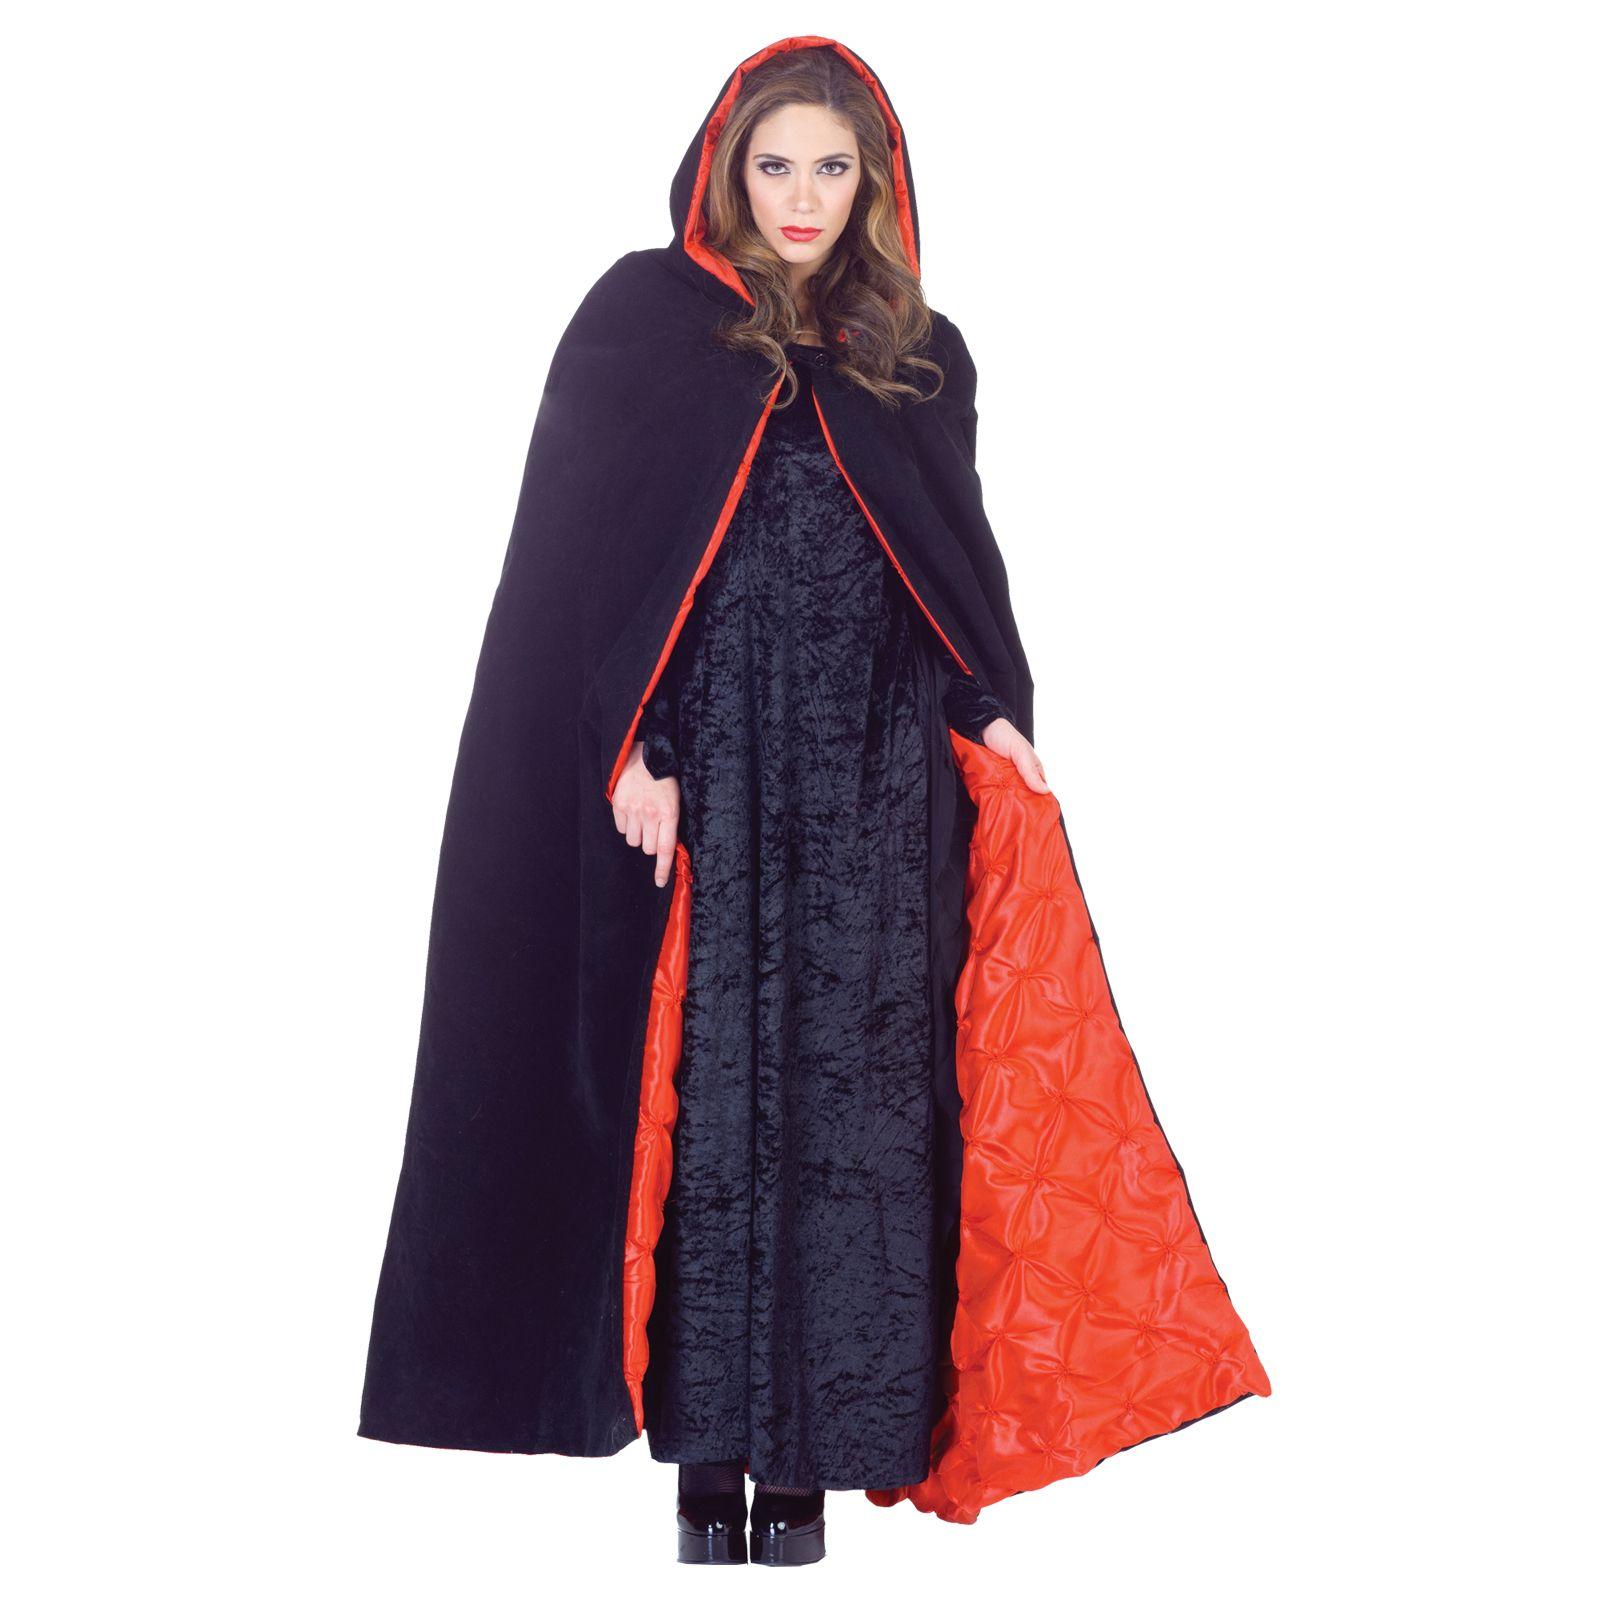 PURPLE CAPE BLACK RED VELVET HOODED CLOAK ROBE KING QUEEN RENAISSANCE COSTUME